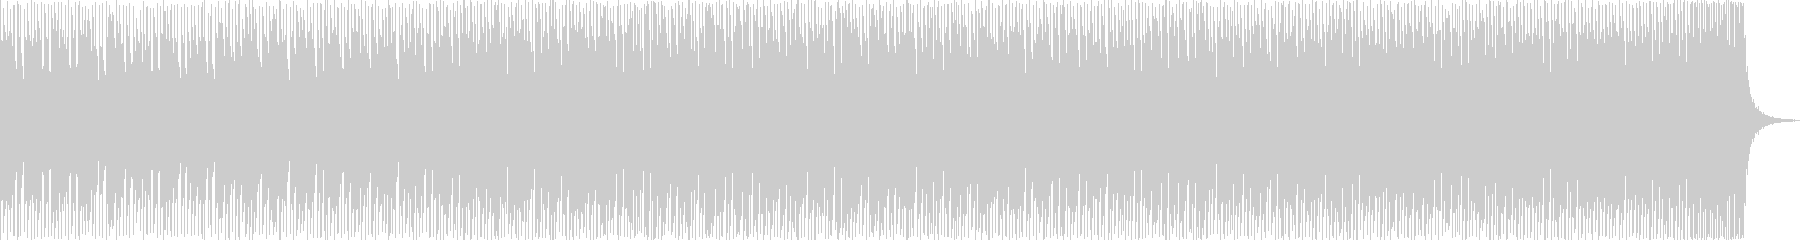 EDM直結、ダンサブルでクールなビートの未再生の波形